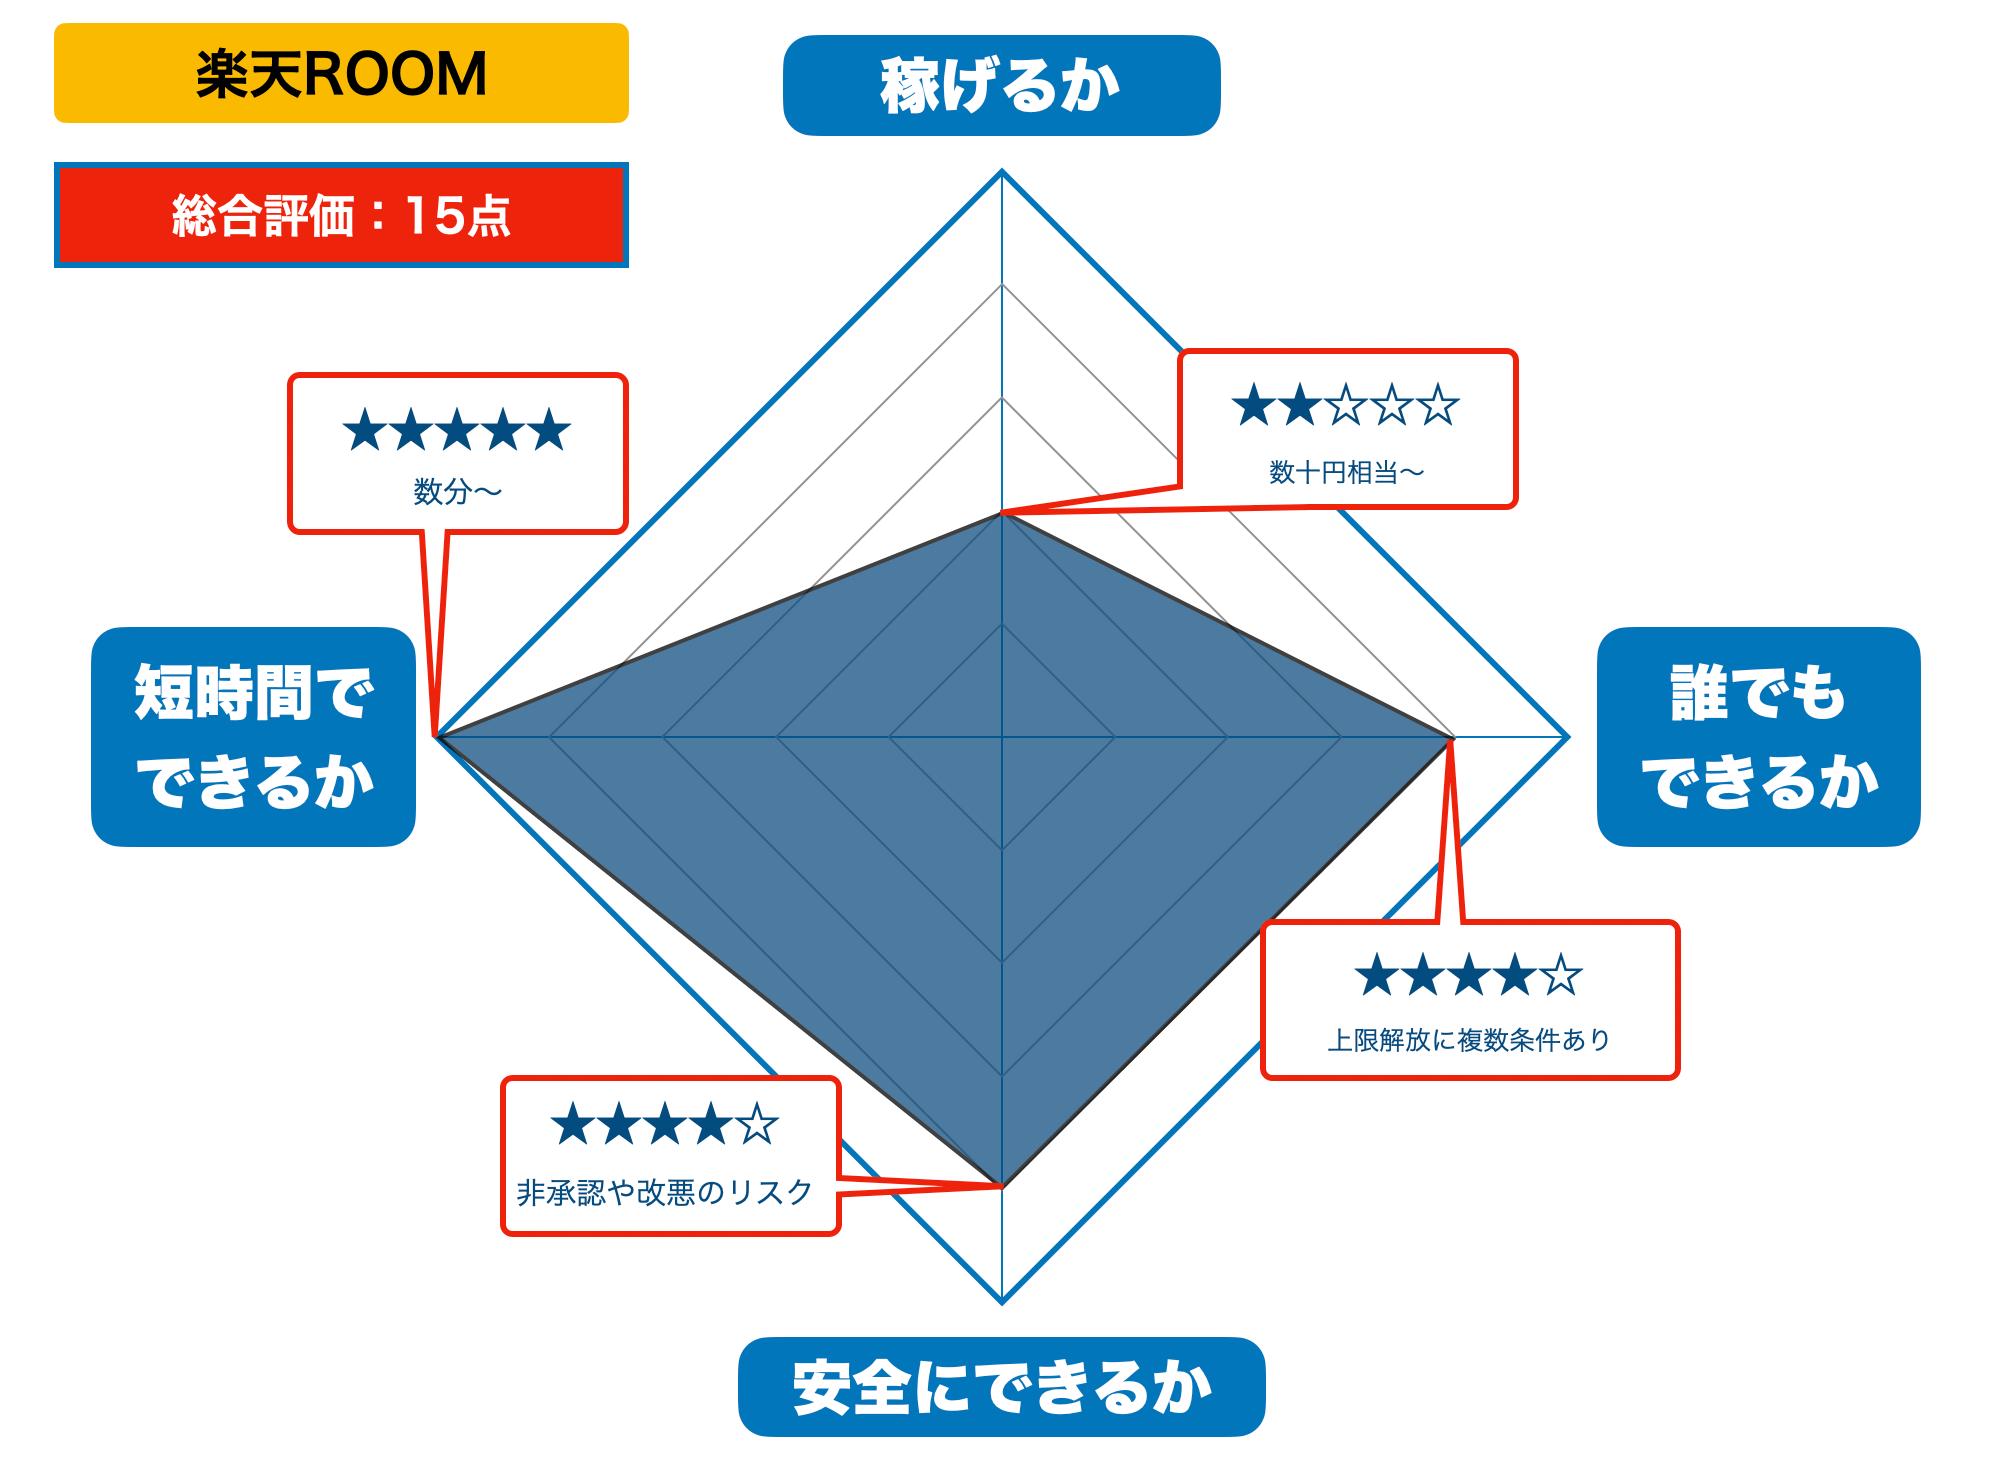 楽天ROOMの評価